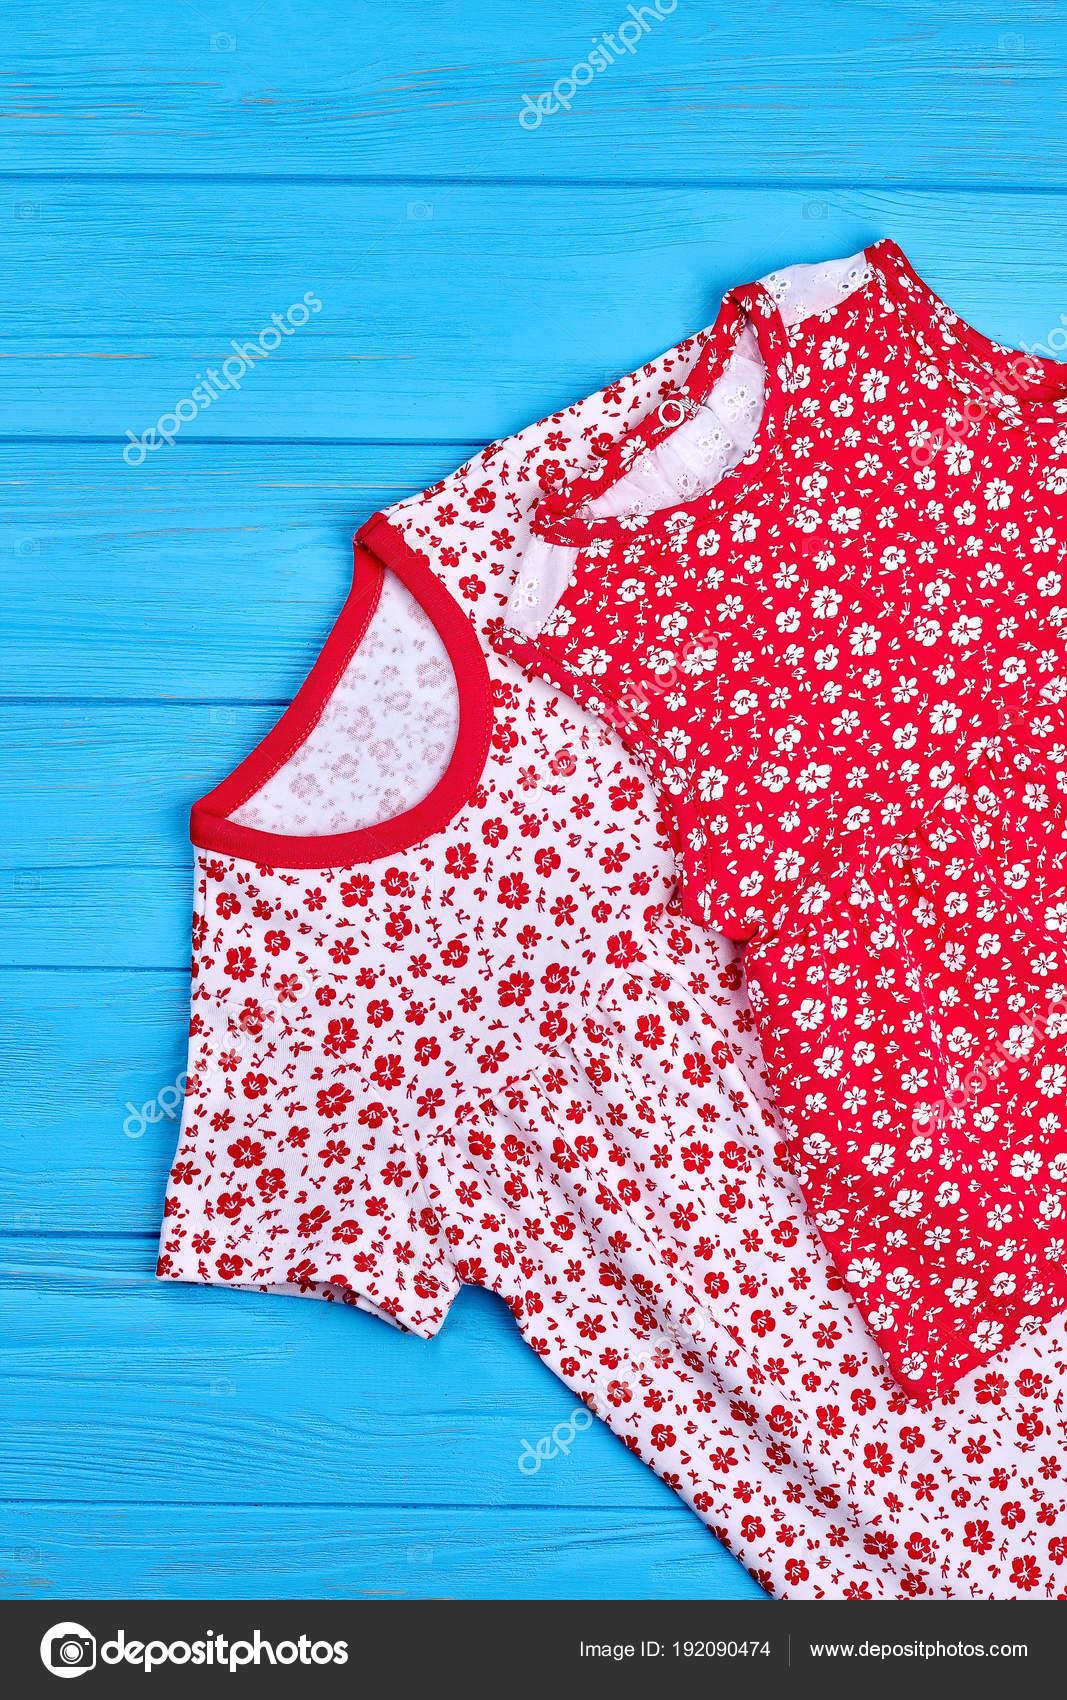 d609ad4c537 Τα παιδιά καλοκαιρινά ρούχα vintage εκτύπωσης. Childs φυσικό Βαμβάκι Ένδυση  για την πώληση. Κατάστημα casual φορέματα για Κοριτσάκια — Εικόνα από ...